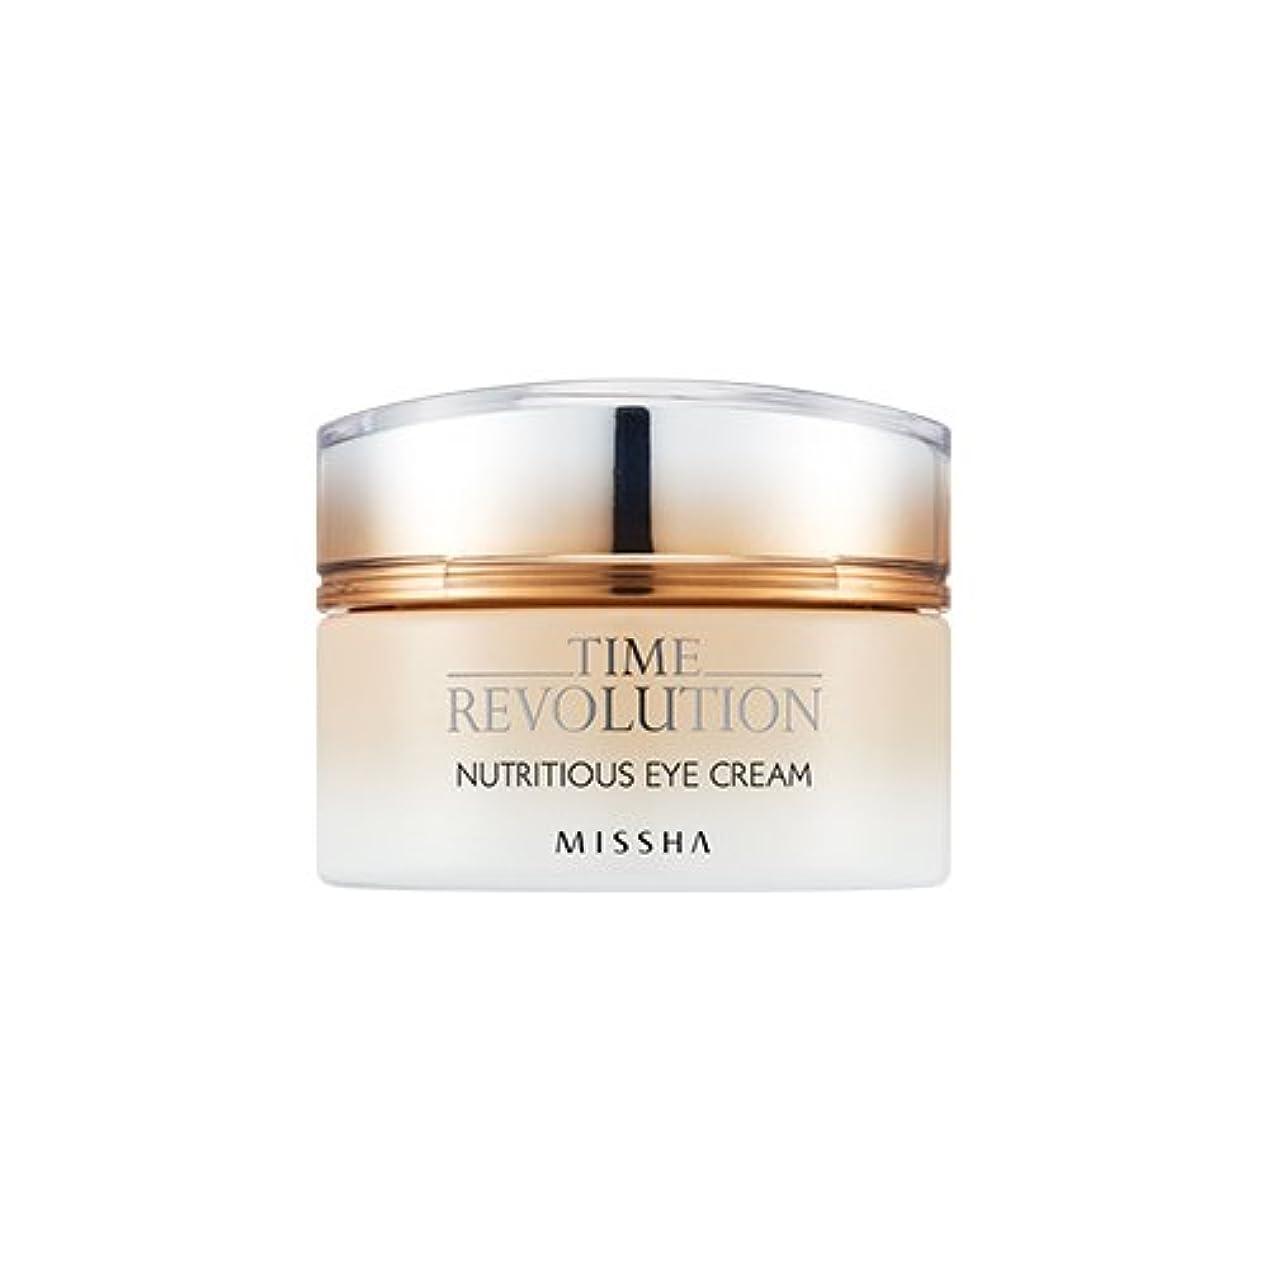 グラディス資料私たち自身[New] MISSHA Time Revolution Nutritious Eye Cream 25ml/ミシャ タイム レボリューション ニュートリシャス アイクリーム 25ml [並行輸入品]